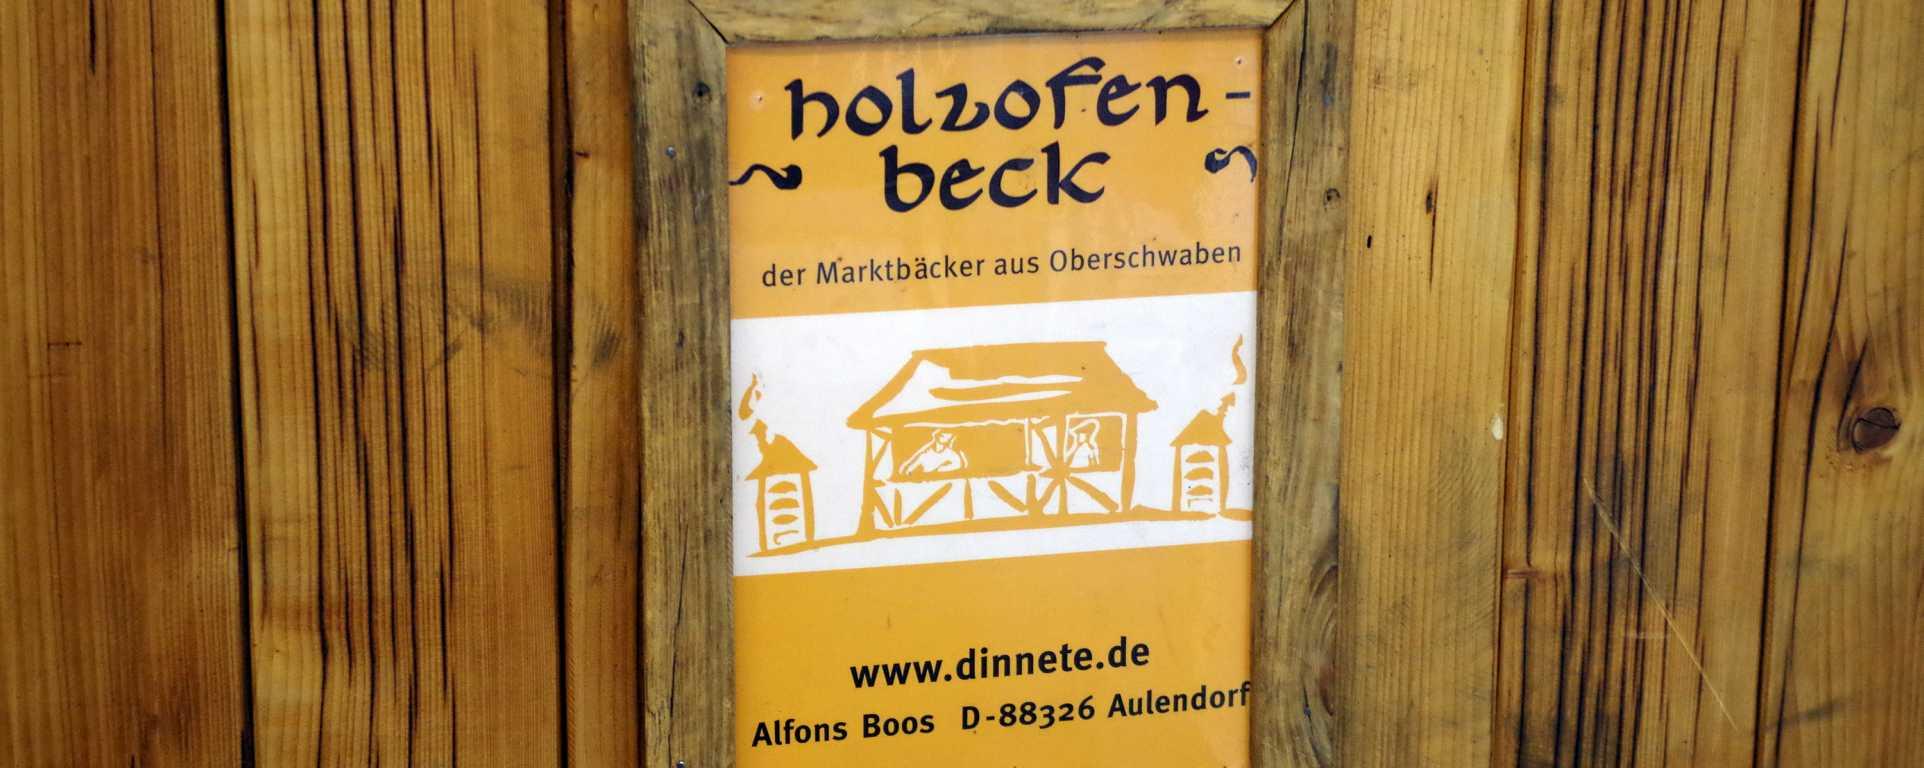 holzofenbeck-Kontakt-Alfons-Boos